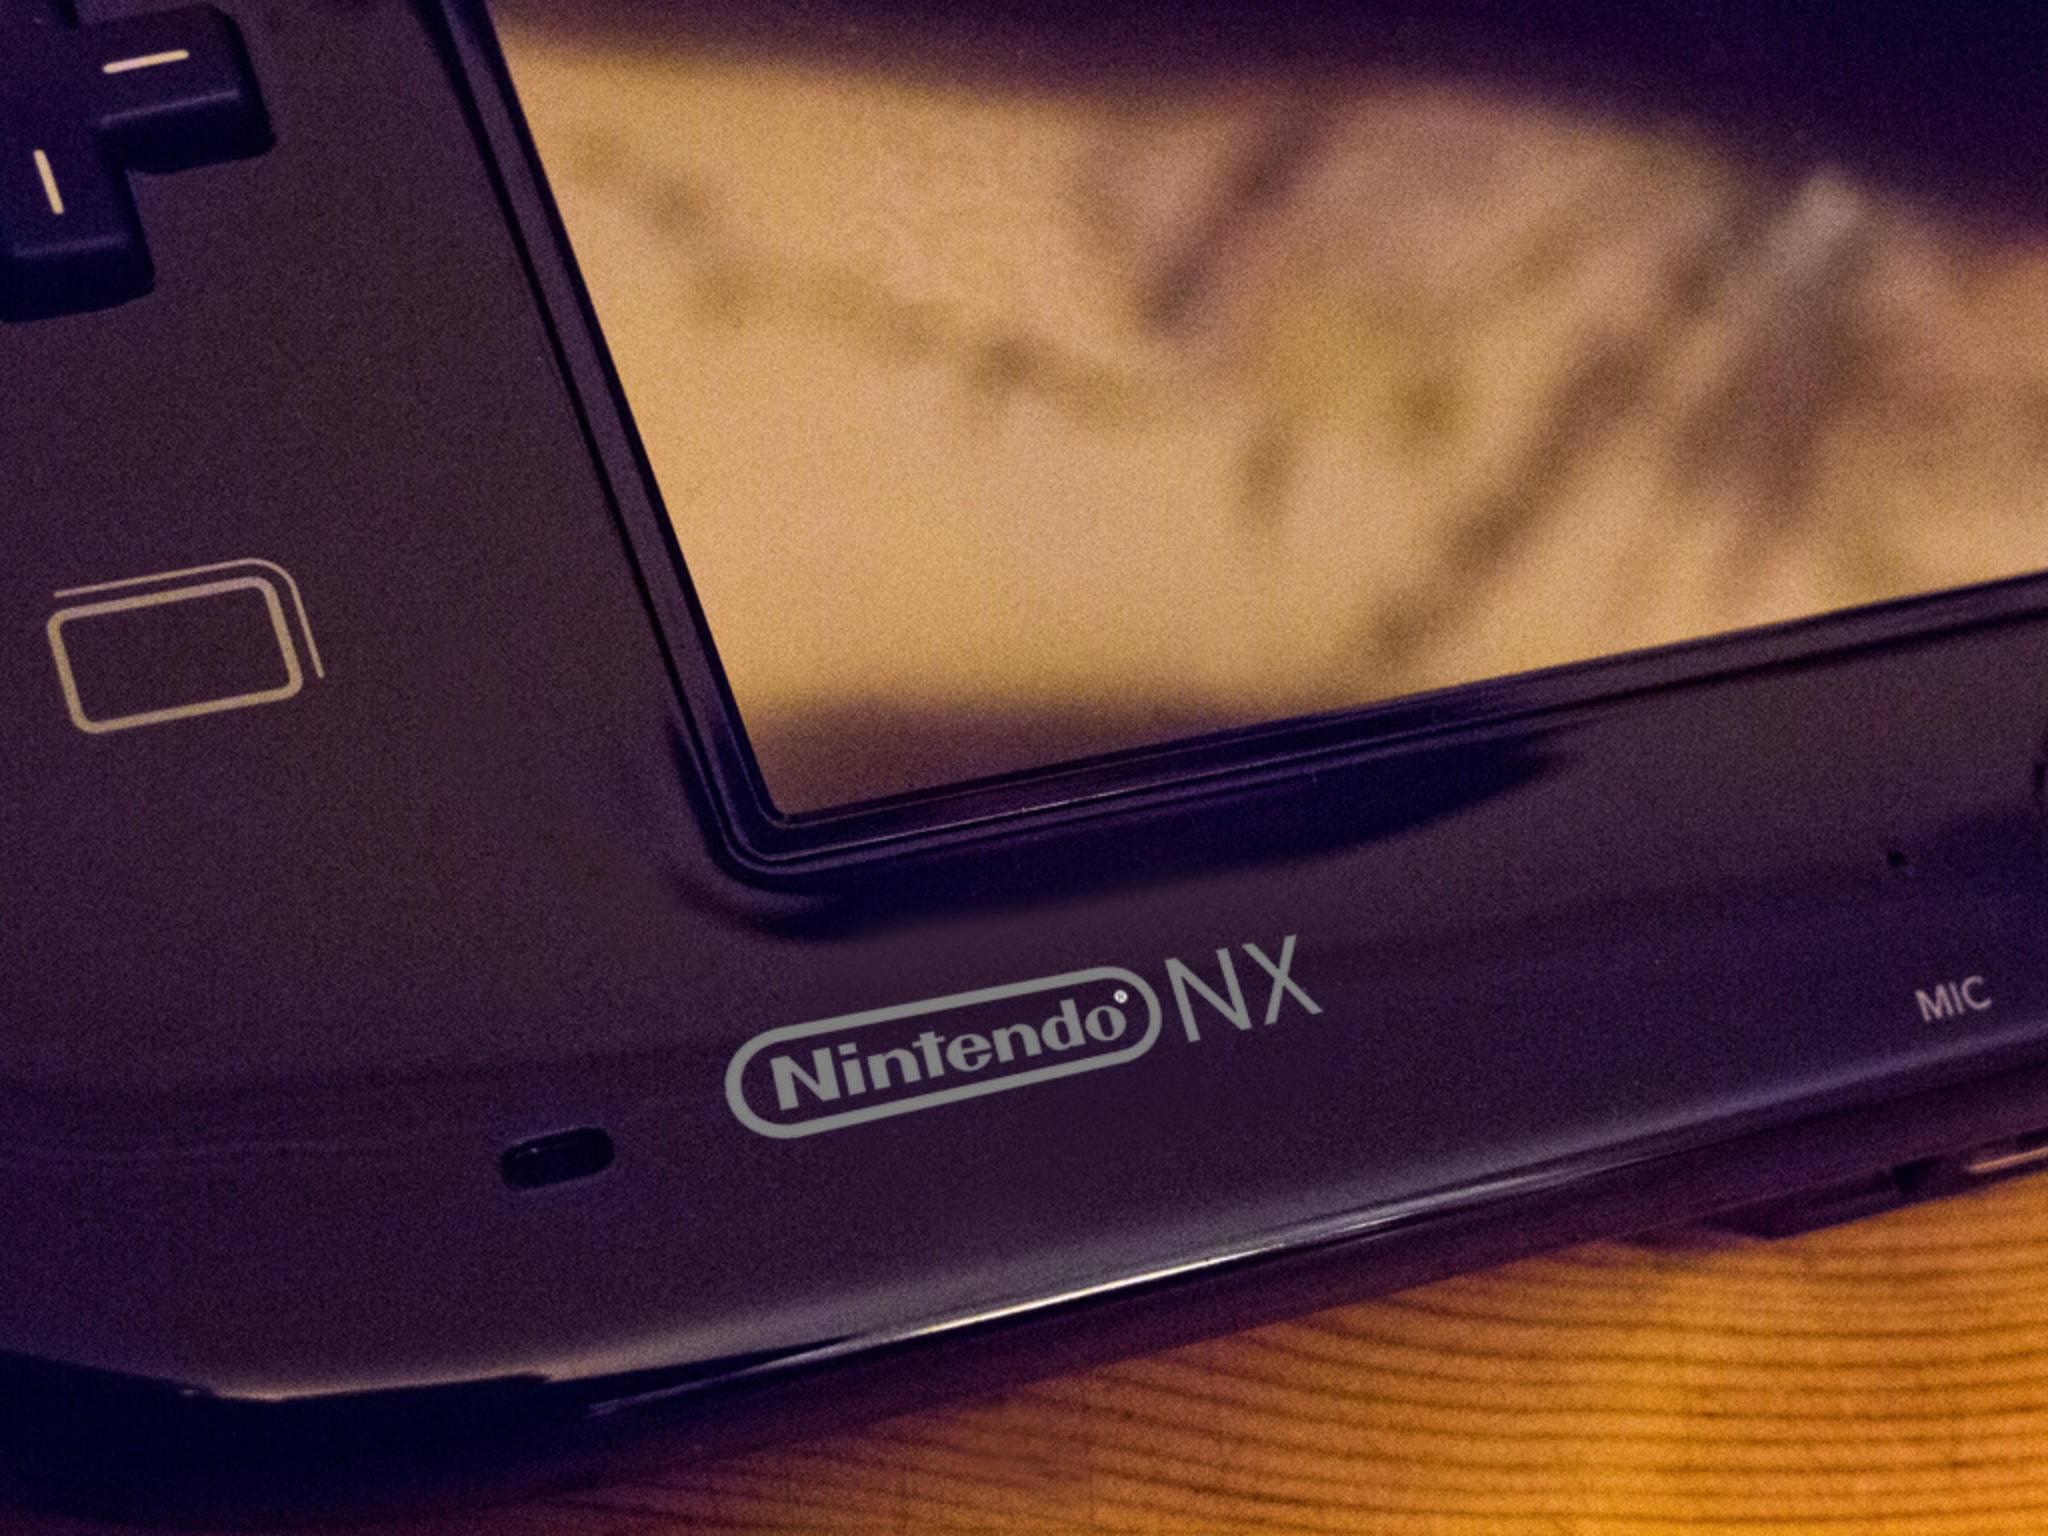 Die Nintendo NX könnte leistungstechnisch auf dem Niveau von PS4 und Xbox One liegen.